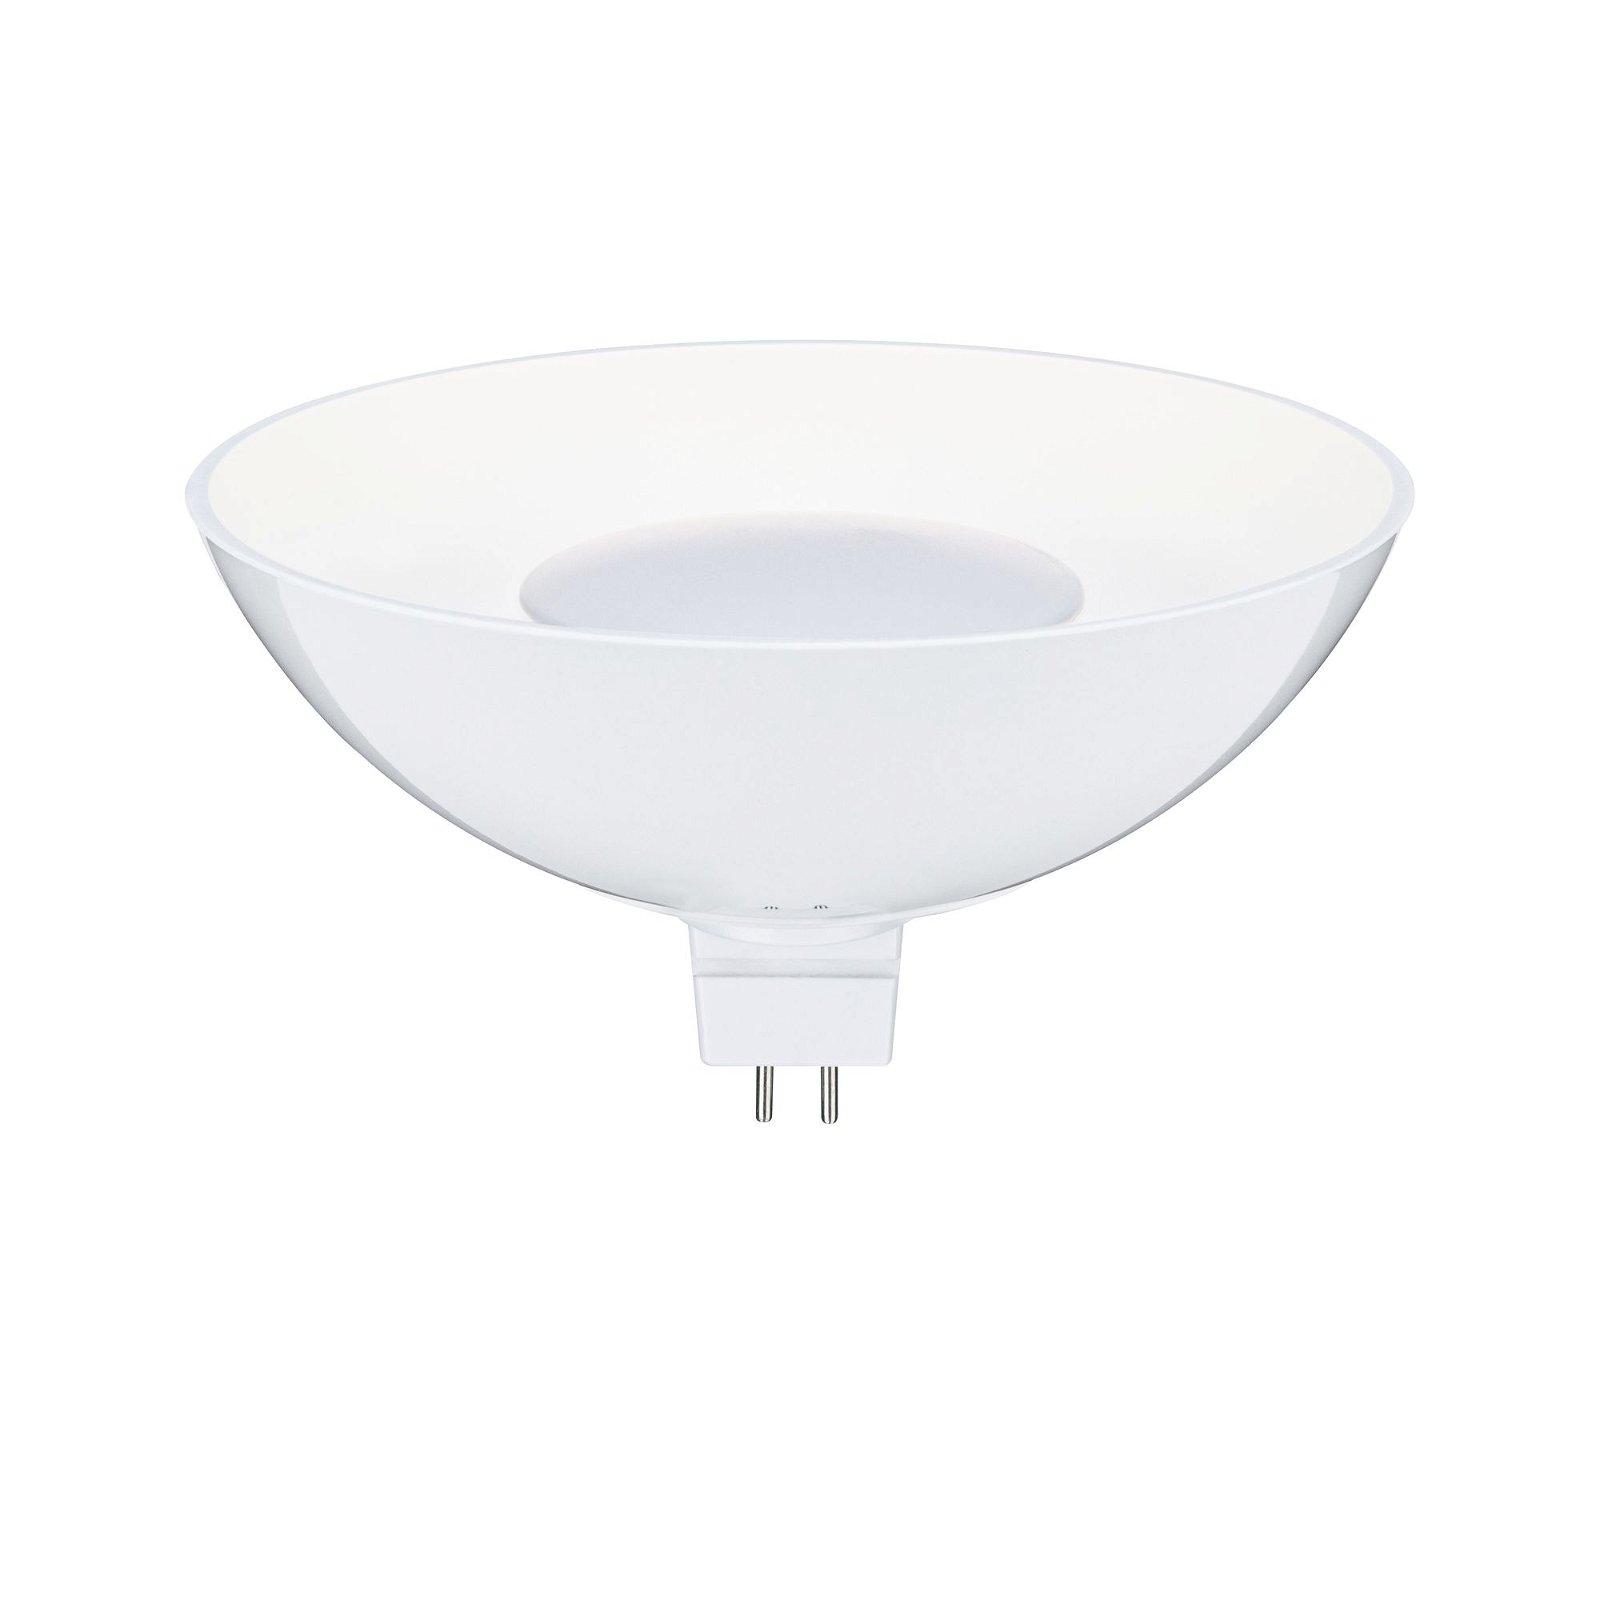 LED Reflektor GU5,3 12V 440lm 4,9W 3000K Weiß